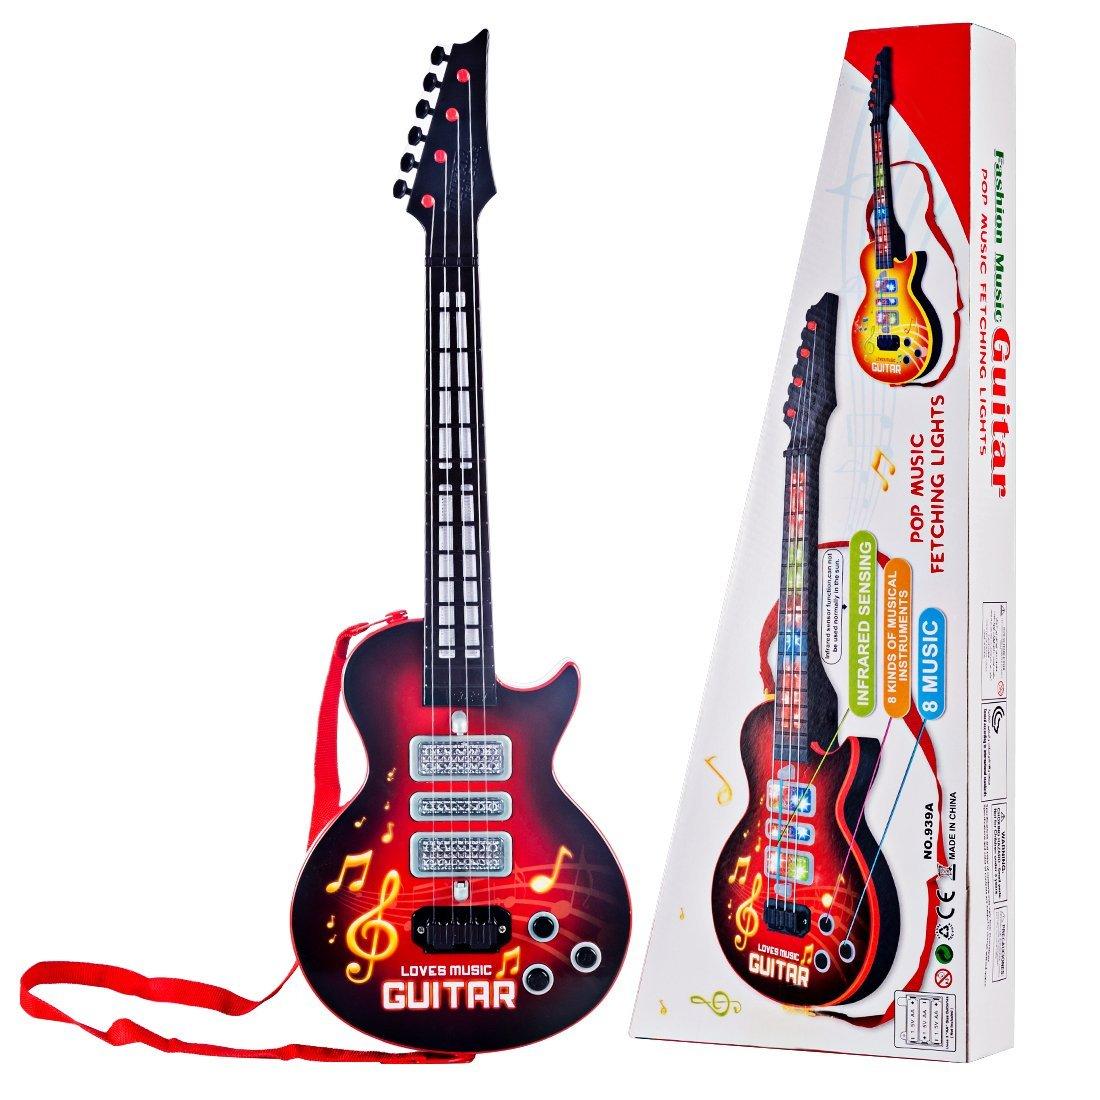 MRKE Guitarra Electrica Niños 4 Cuerdas Guitarra Juguete con Luces y 8 Música: Amazon.es: Juguetes y juegos